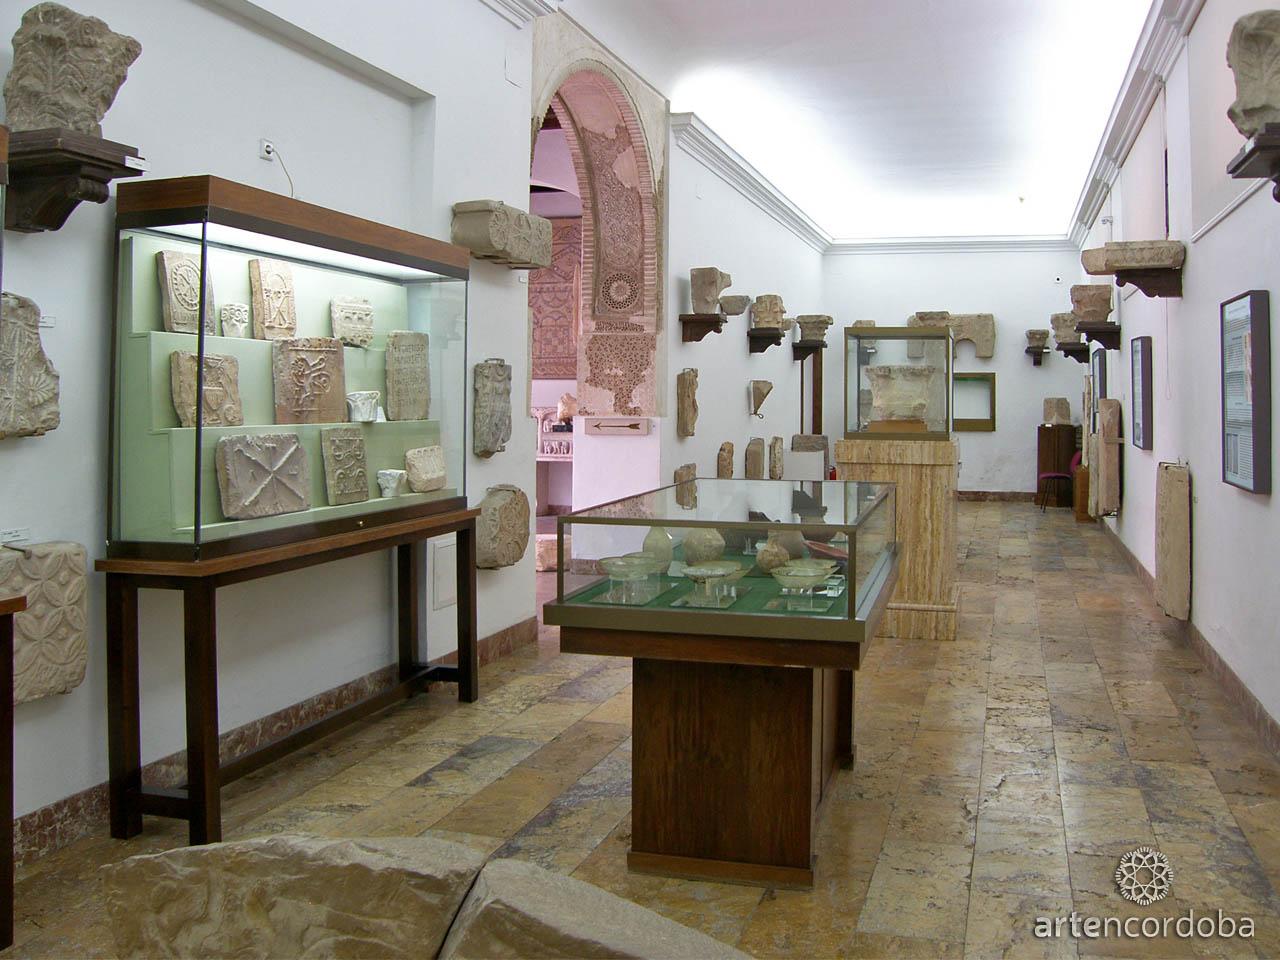 Sala de Arte Visigodo del Museo Arqueológico de Córdoba